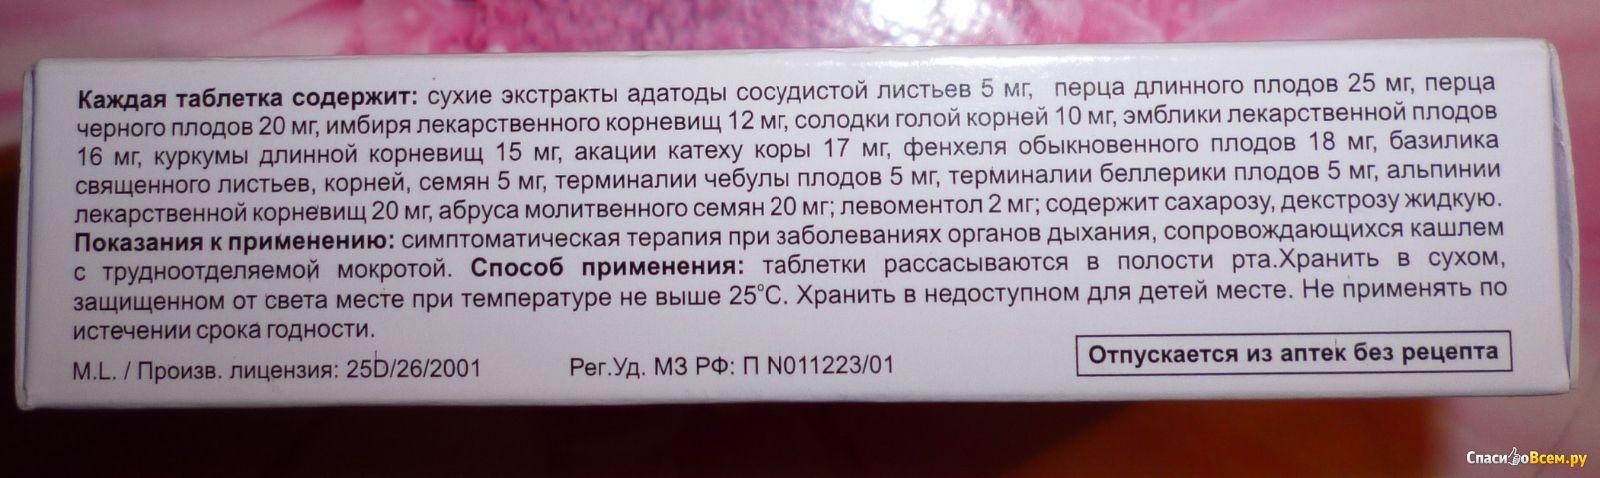 недорогие таблетки от глистов для человека